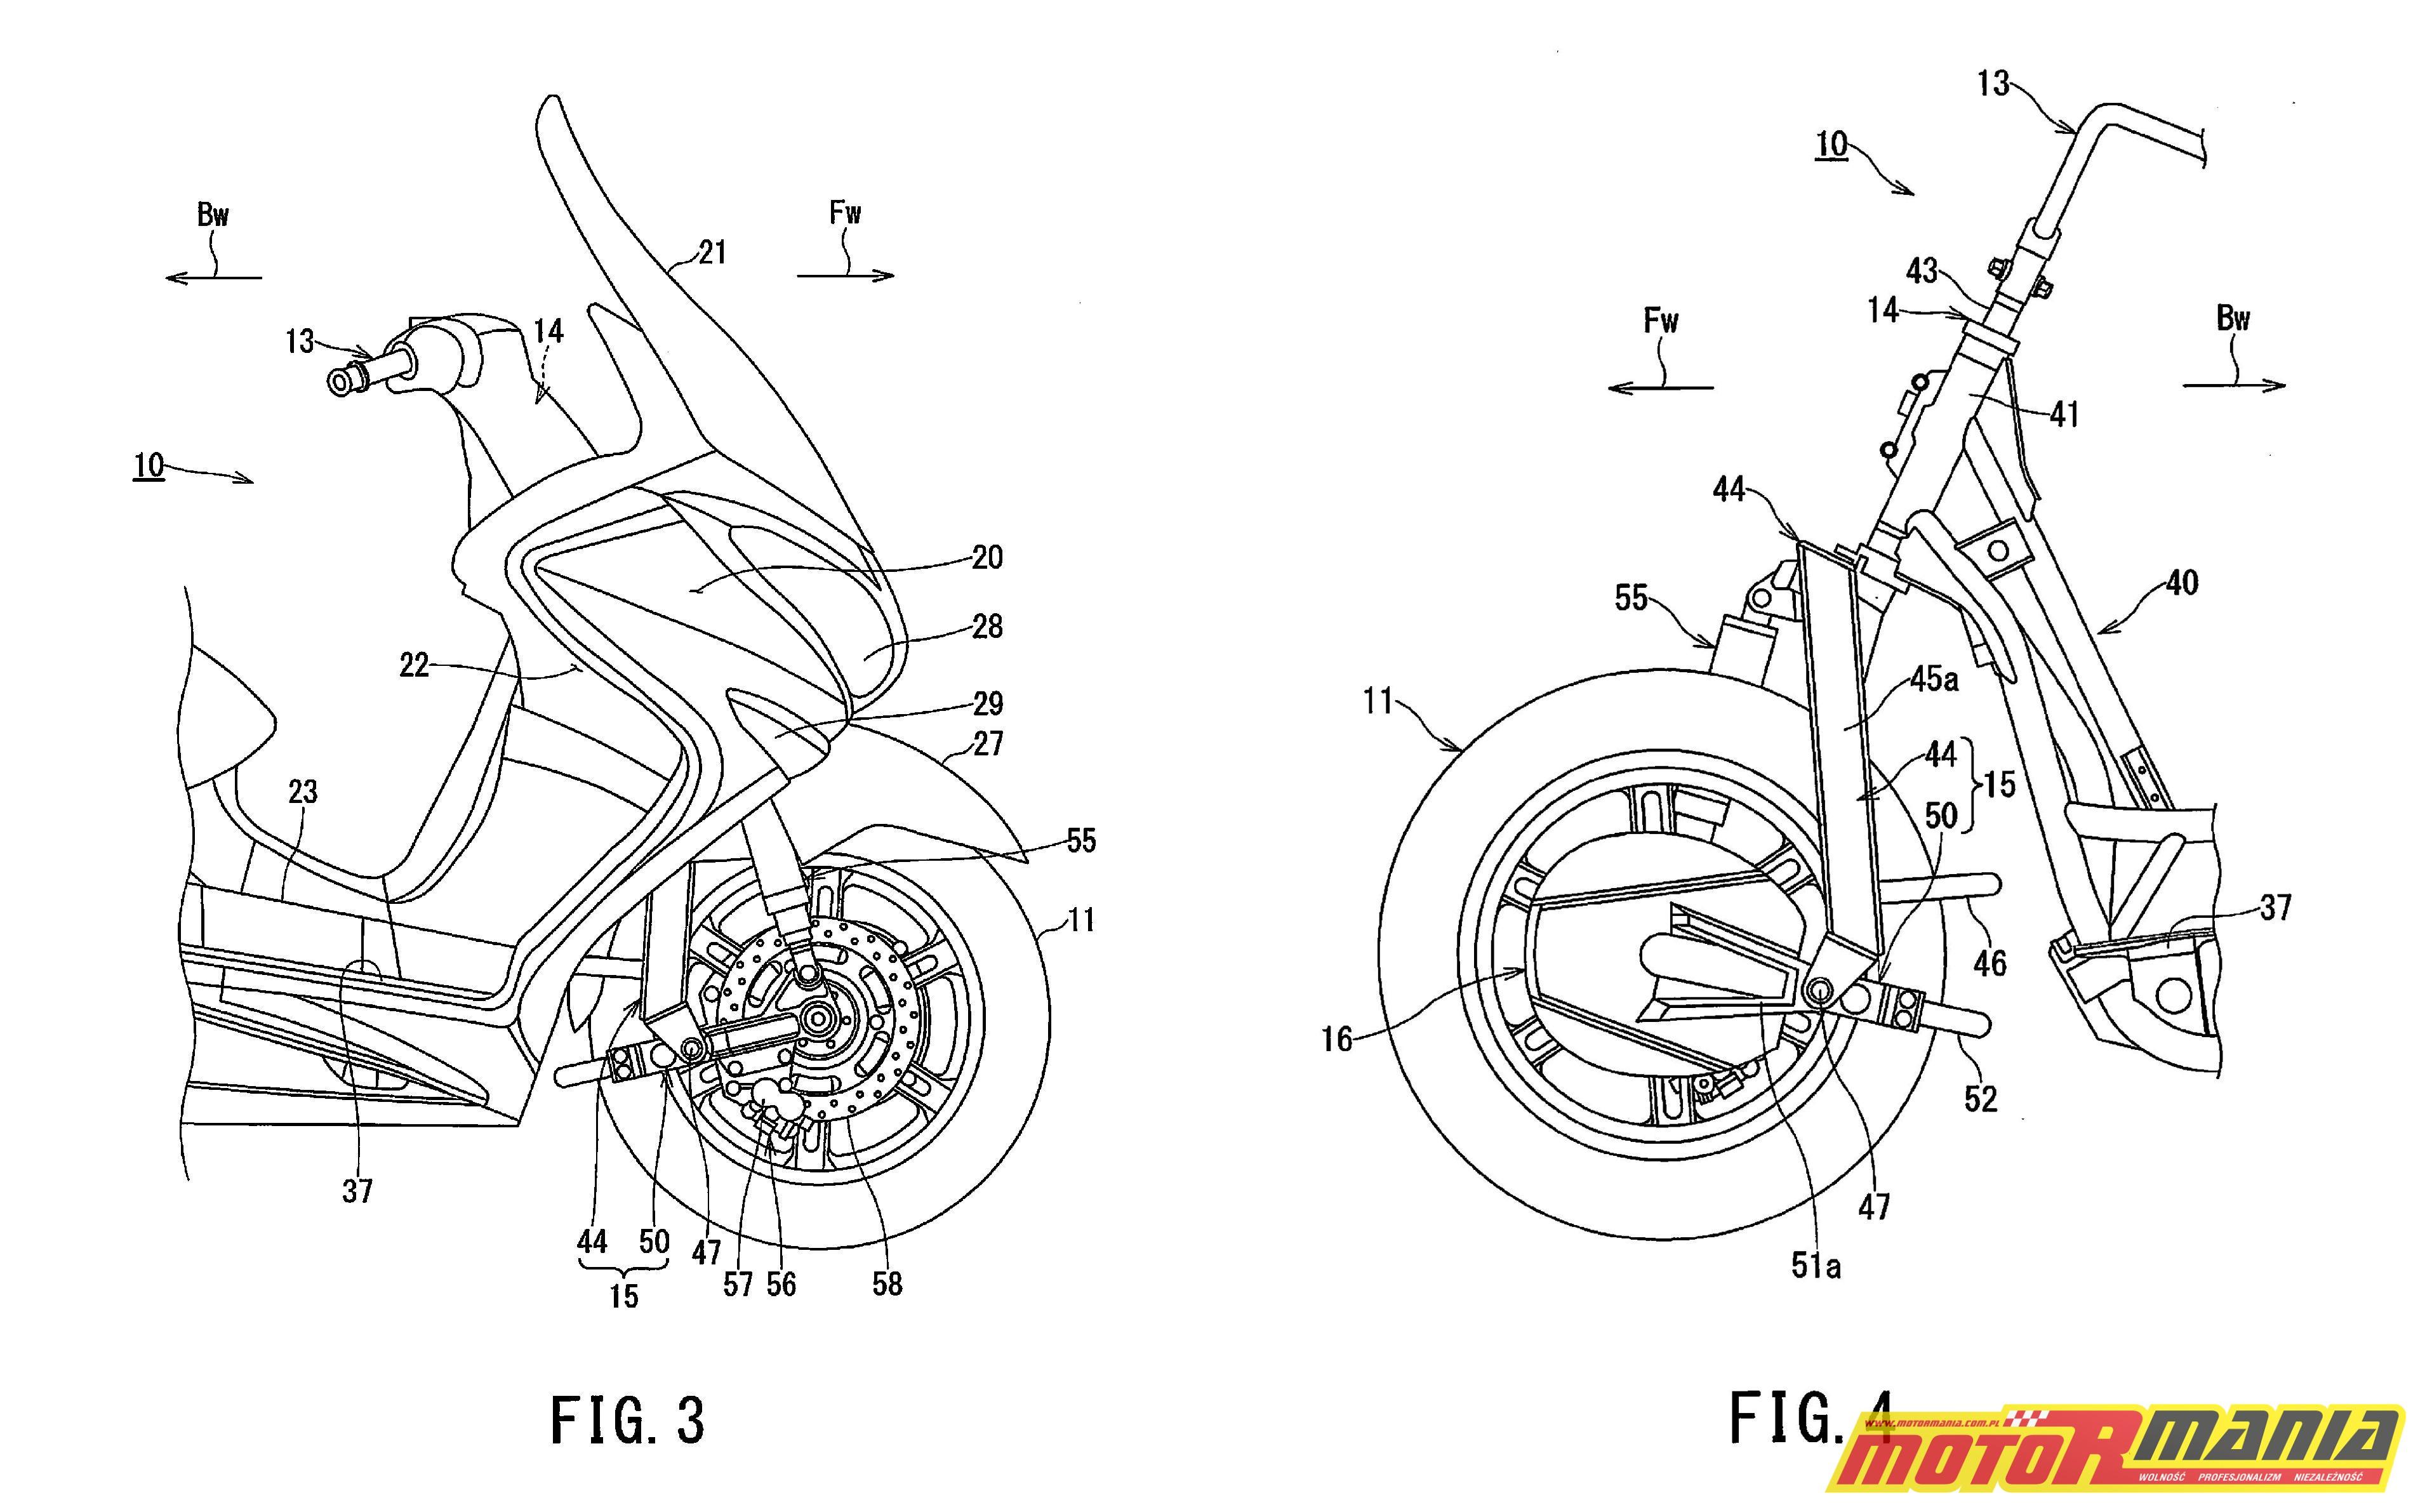 Suzuki Burgman 2WD hybryda elektryk - diagram 3 i 4